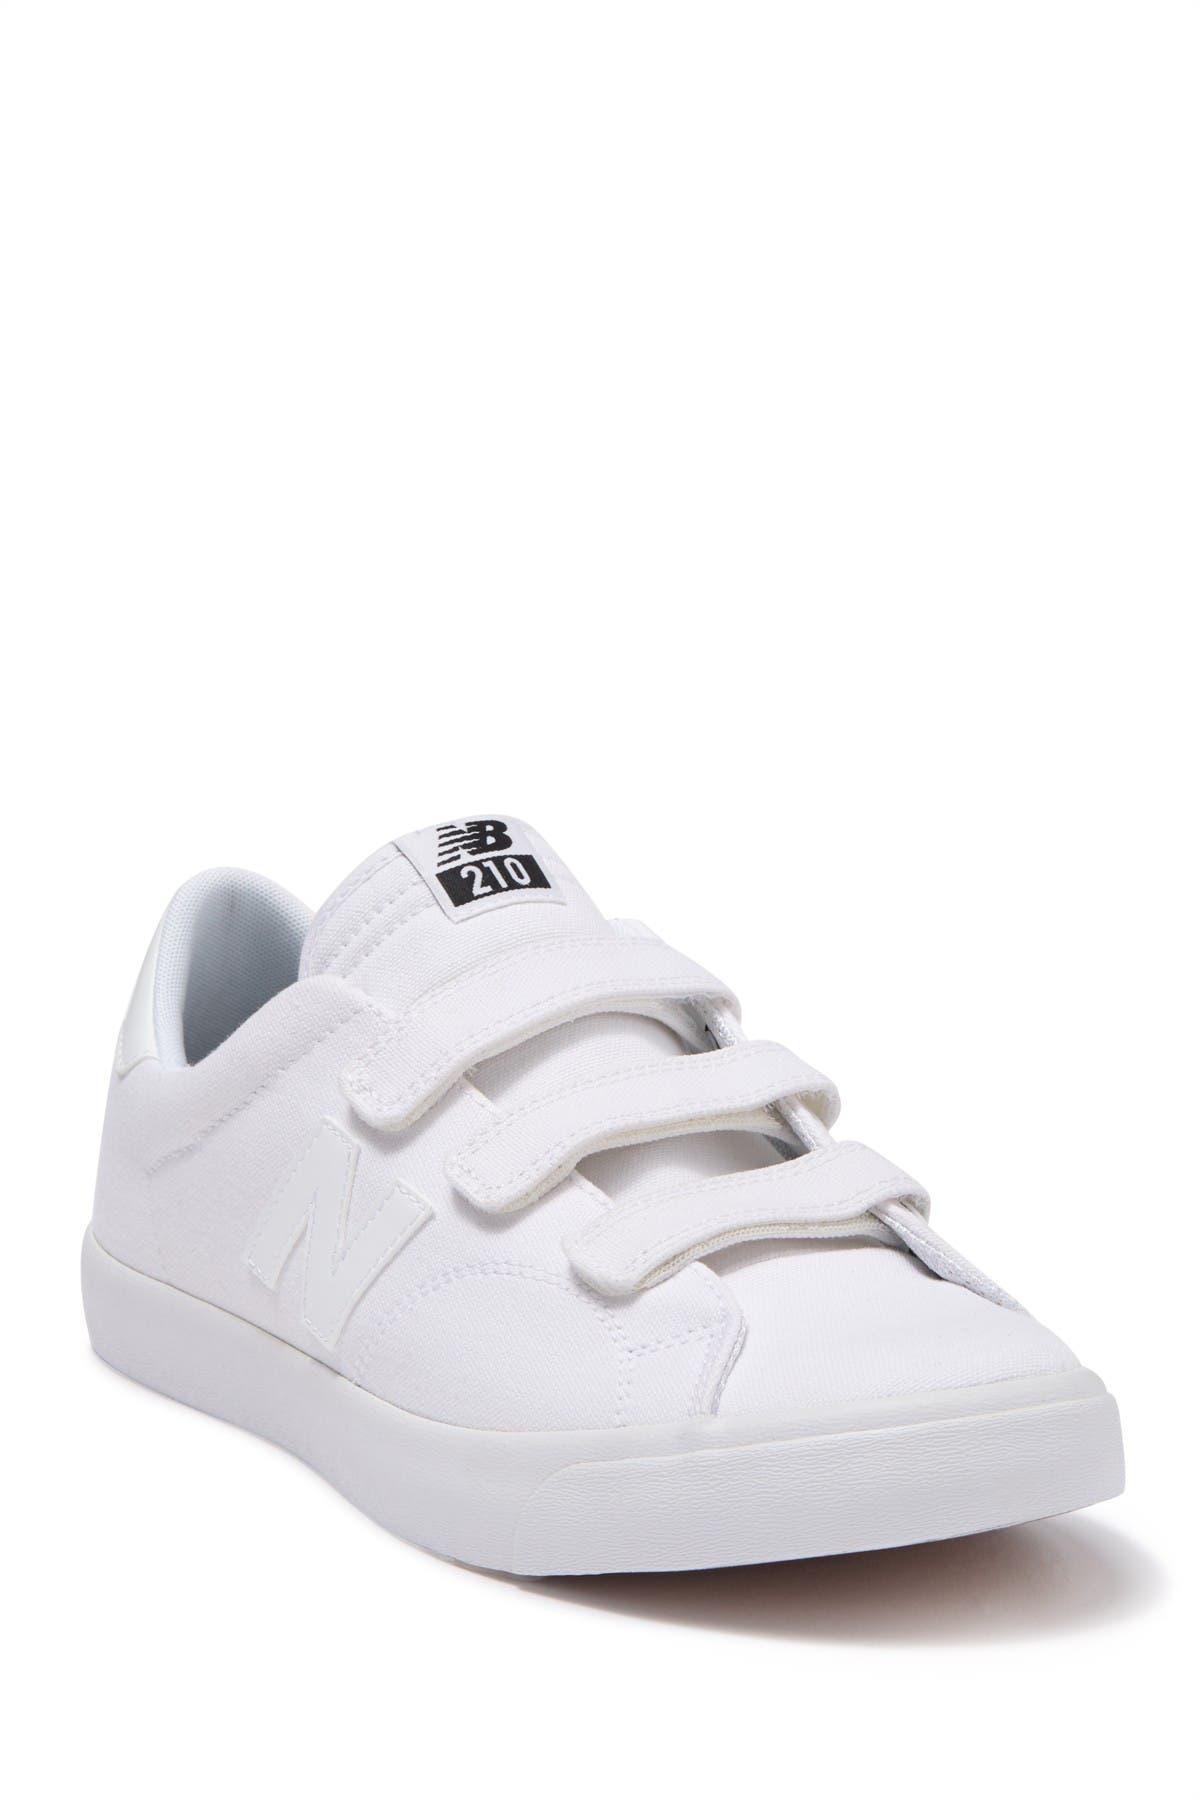 New Balance | AM210 Canvas Sneaker